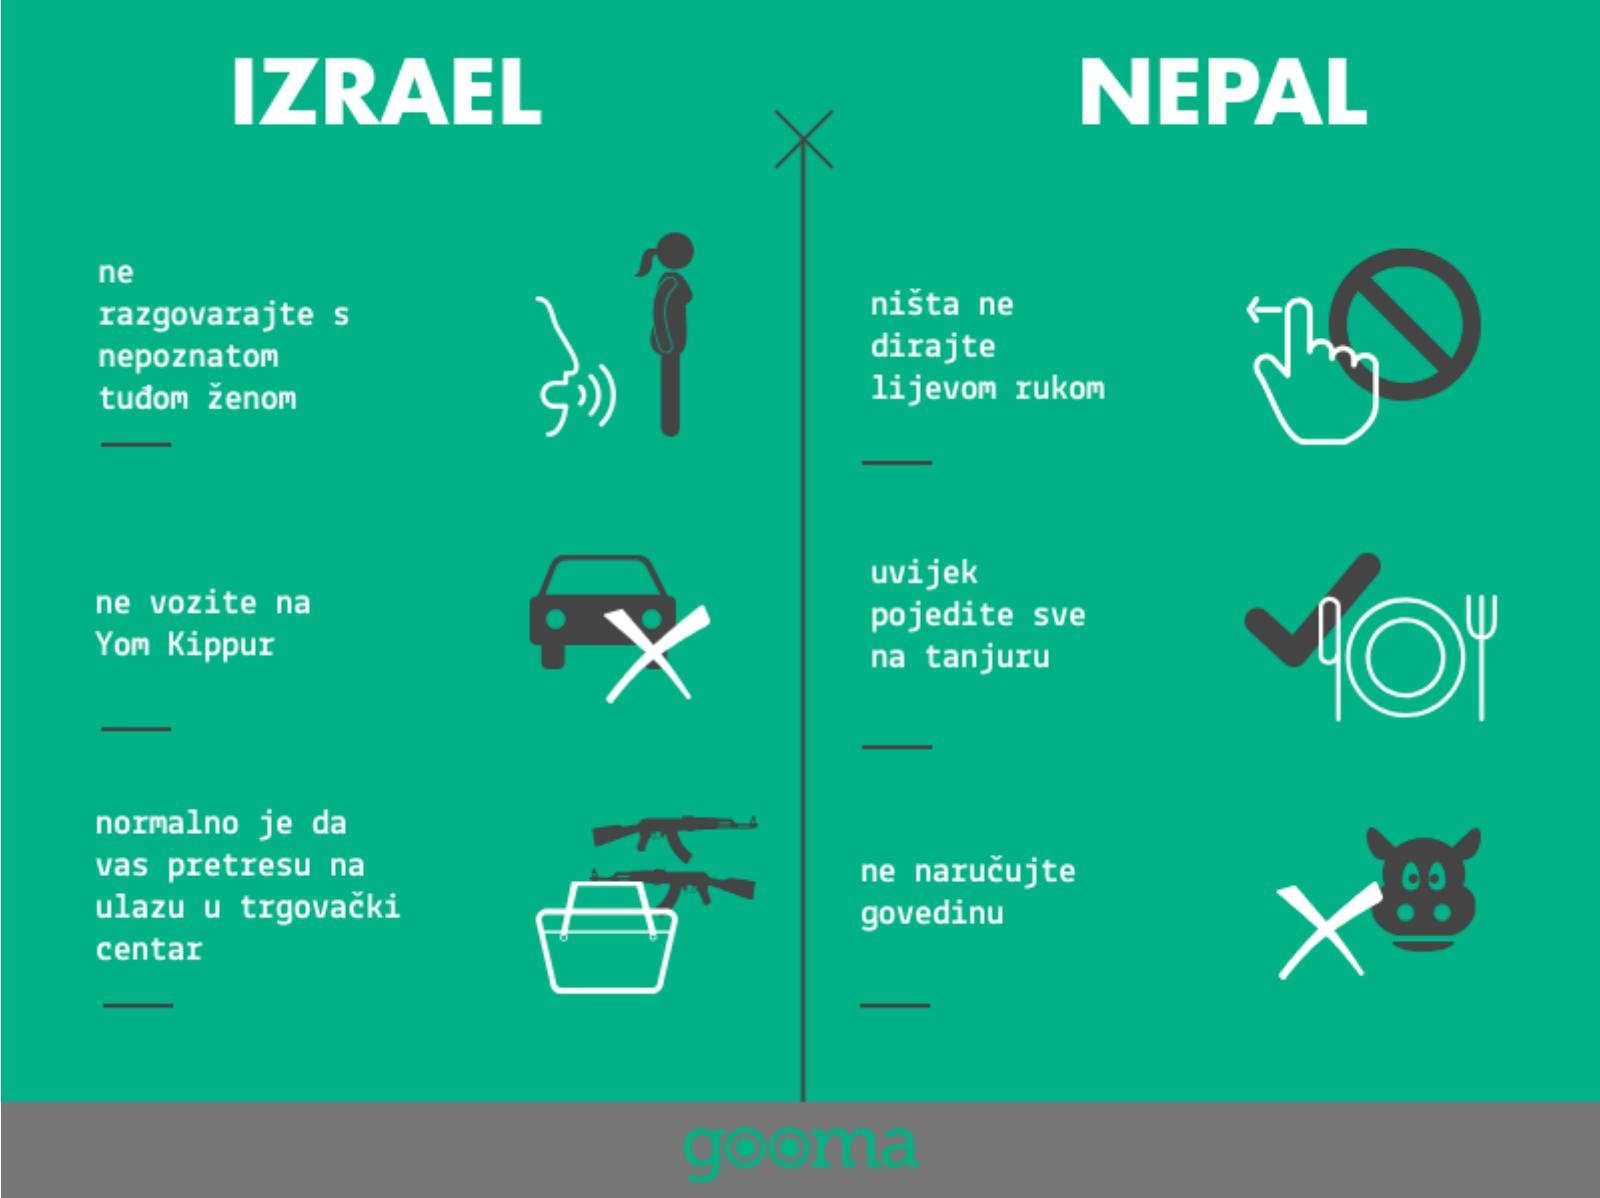 Kako biti pristojan - Izrael i Nepal